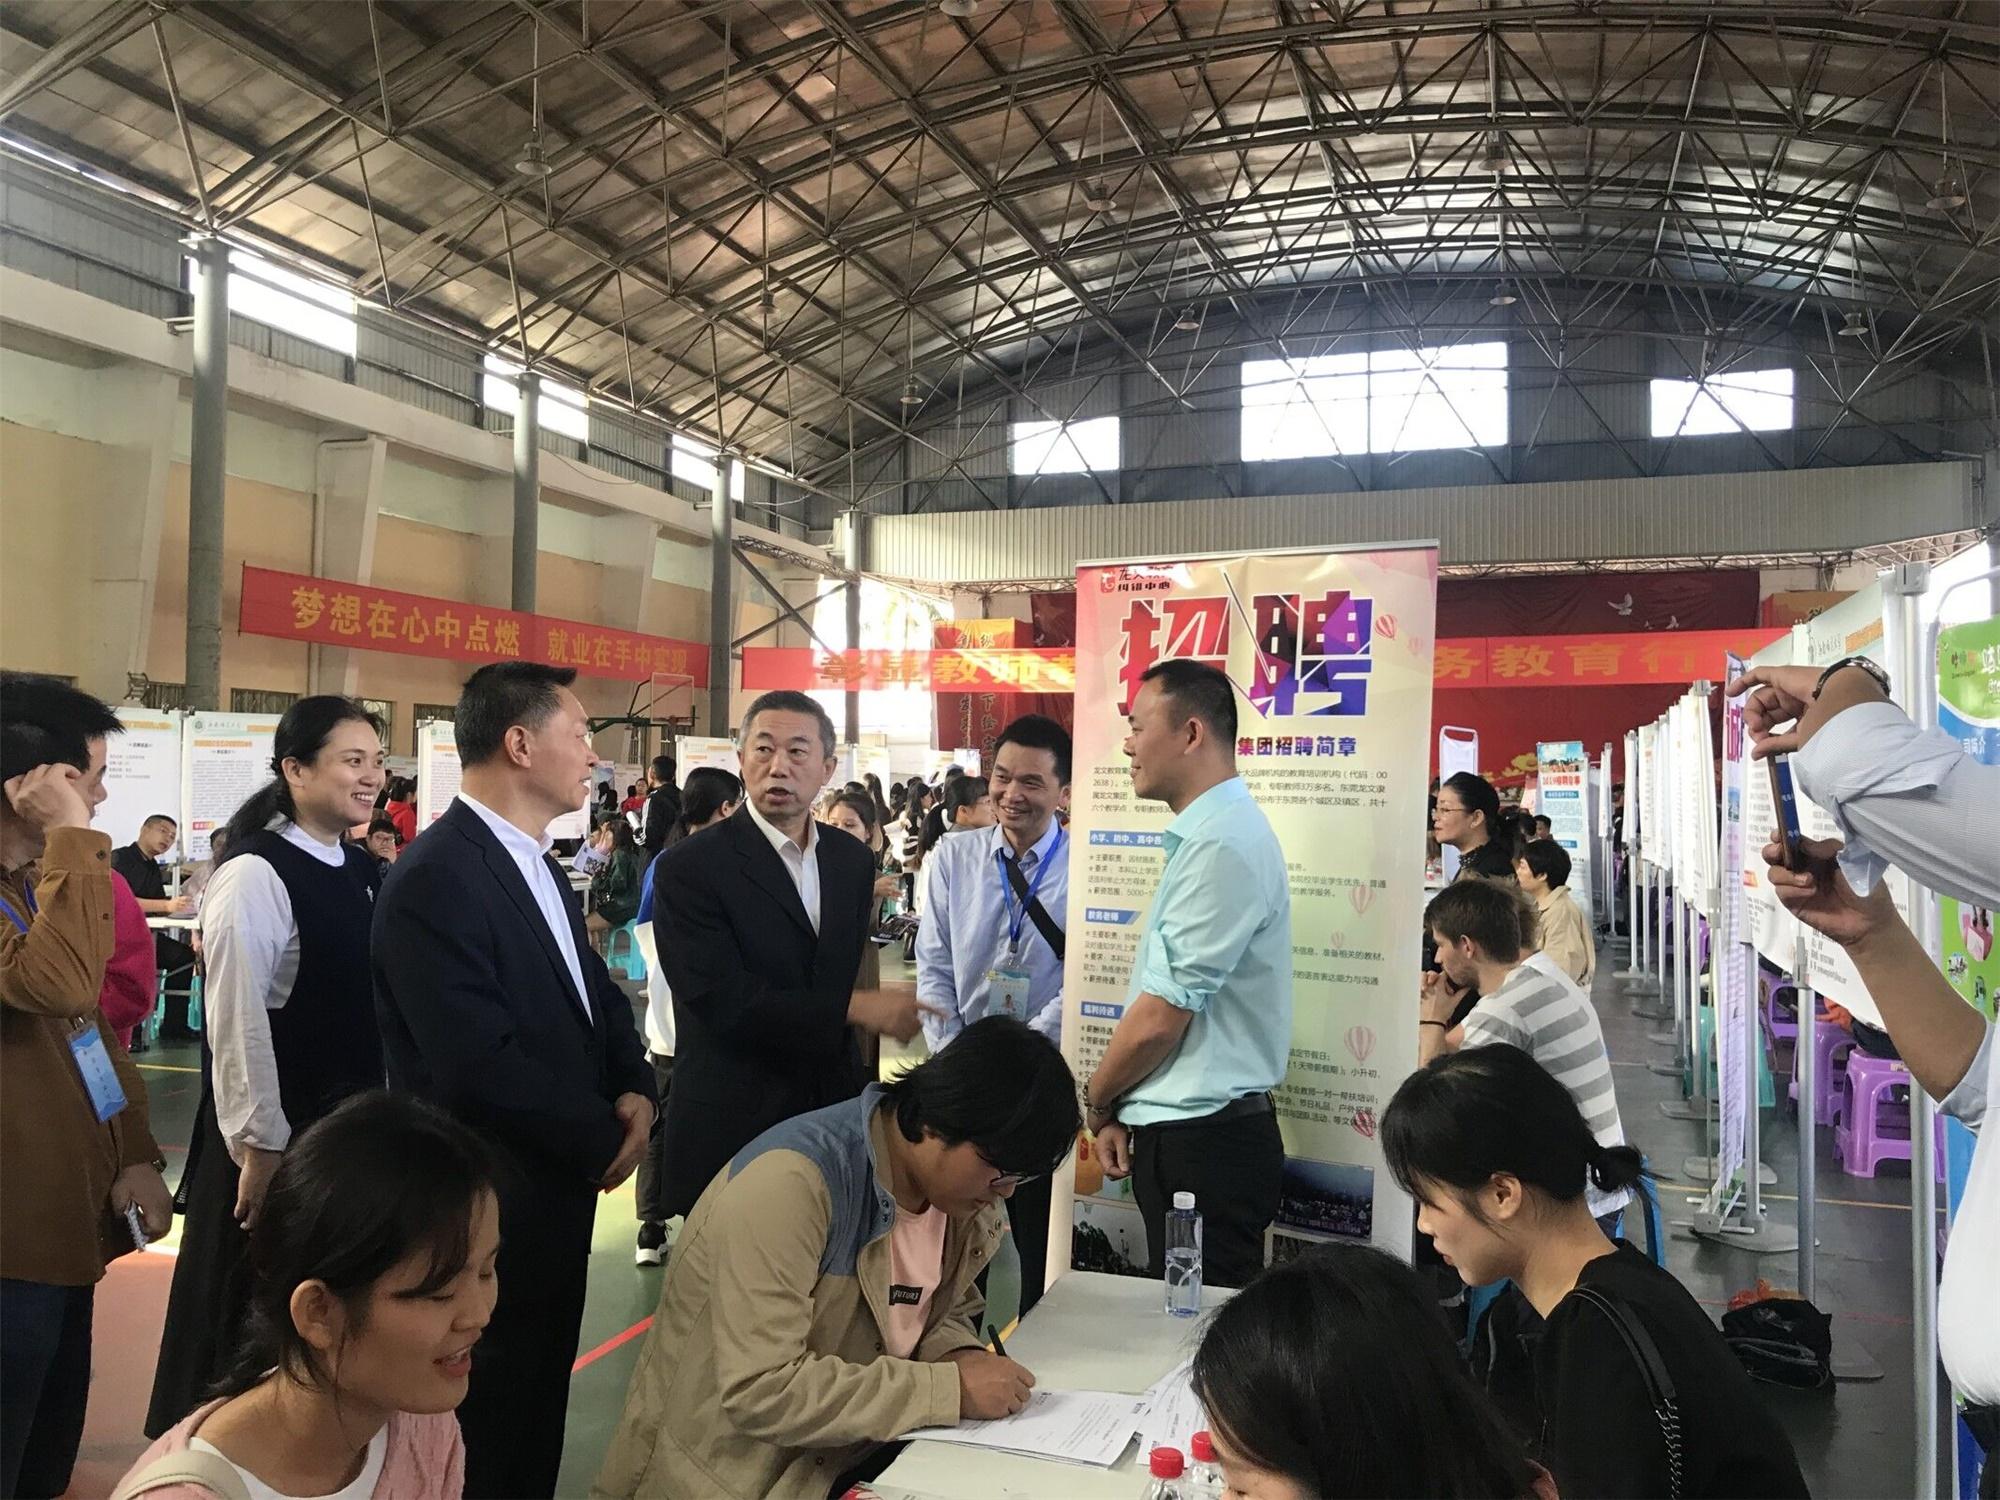 我校第三期教育行业暨广东省急需紧缺人才专场招聘会圆满举行